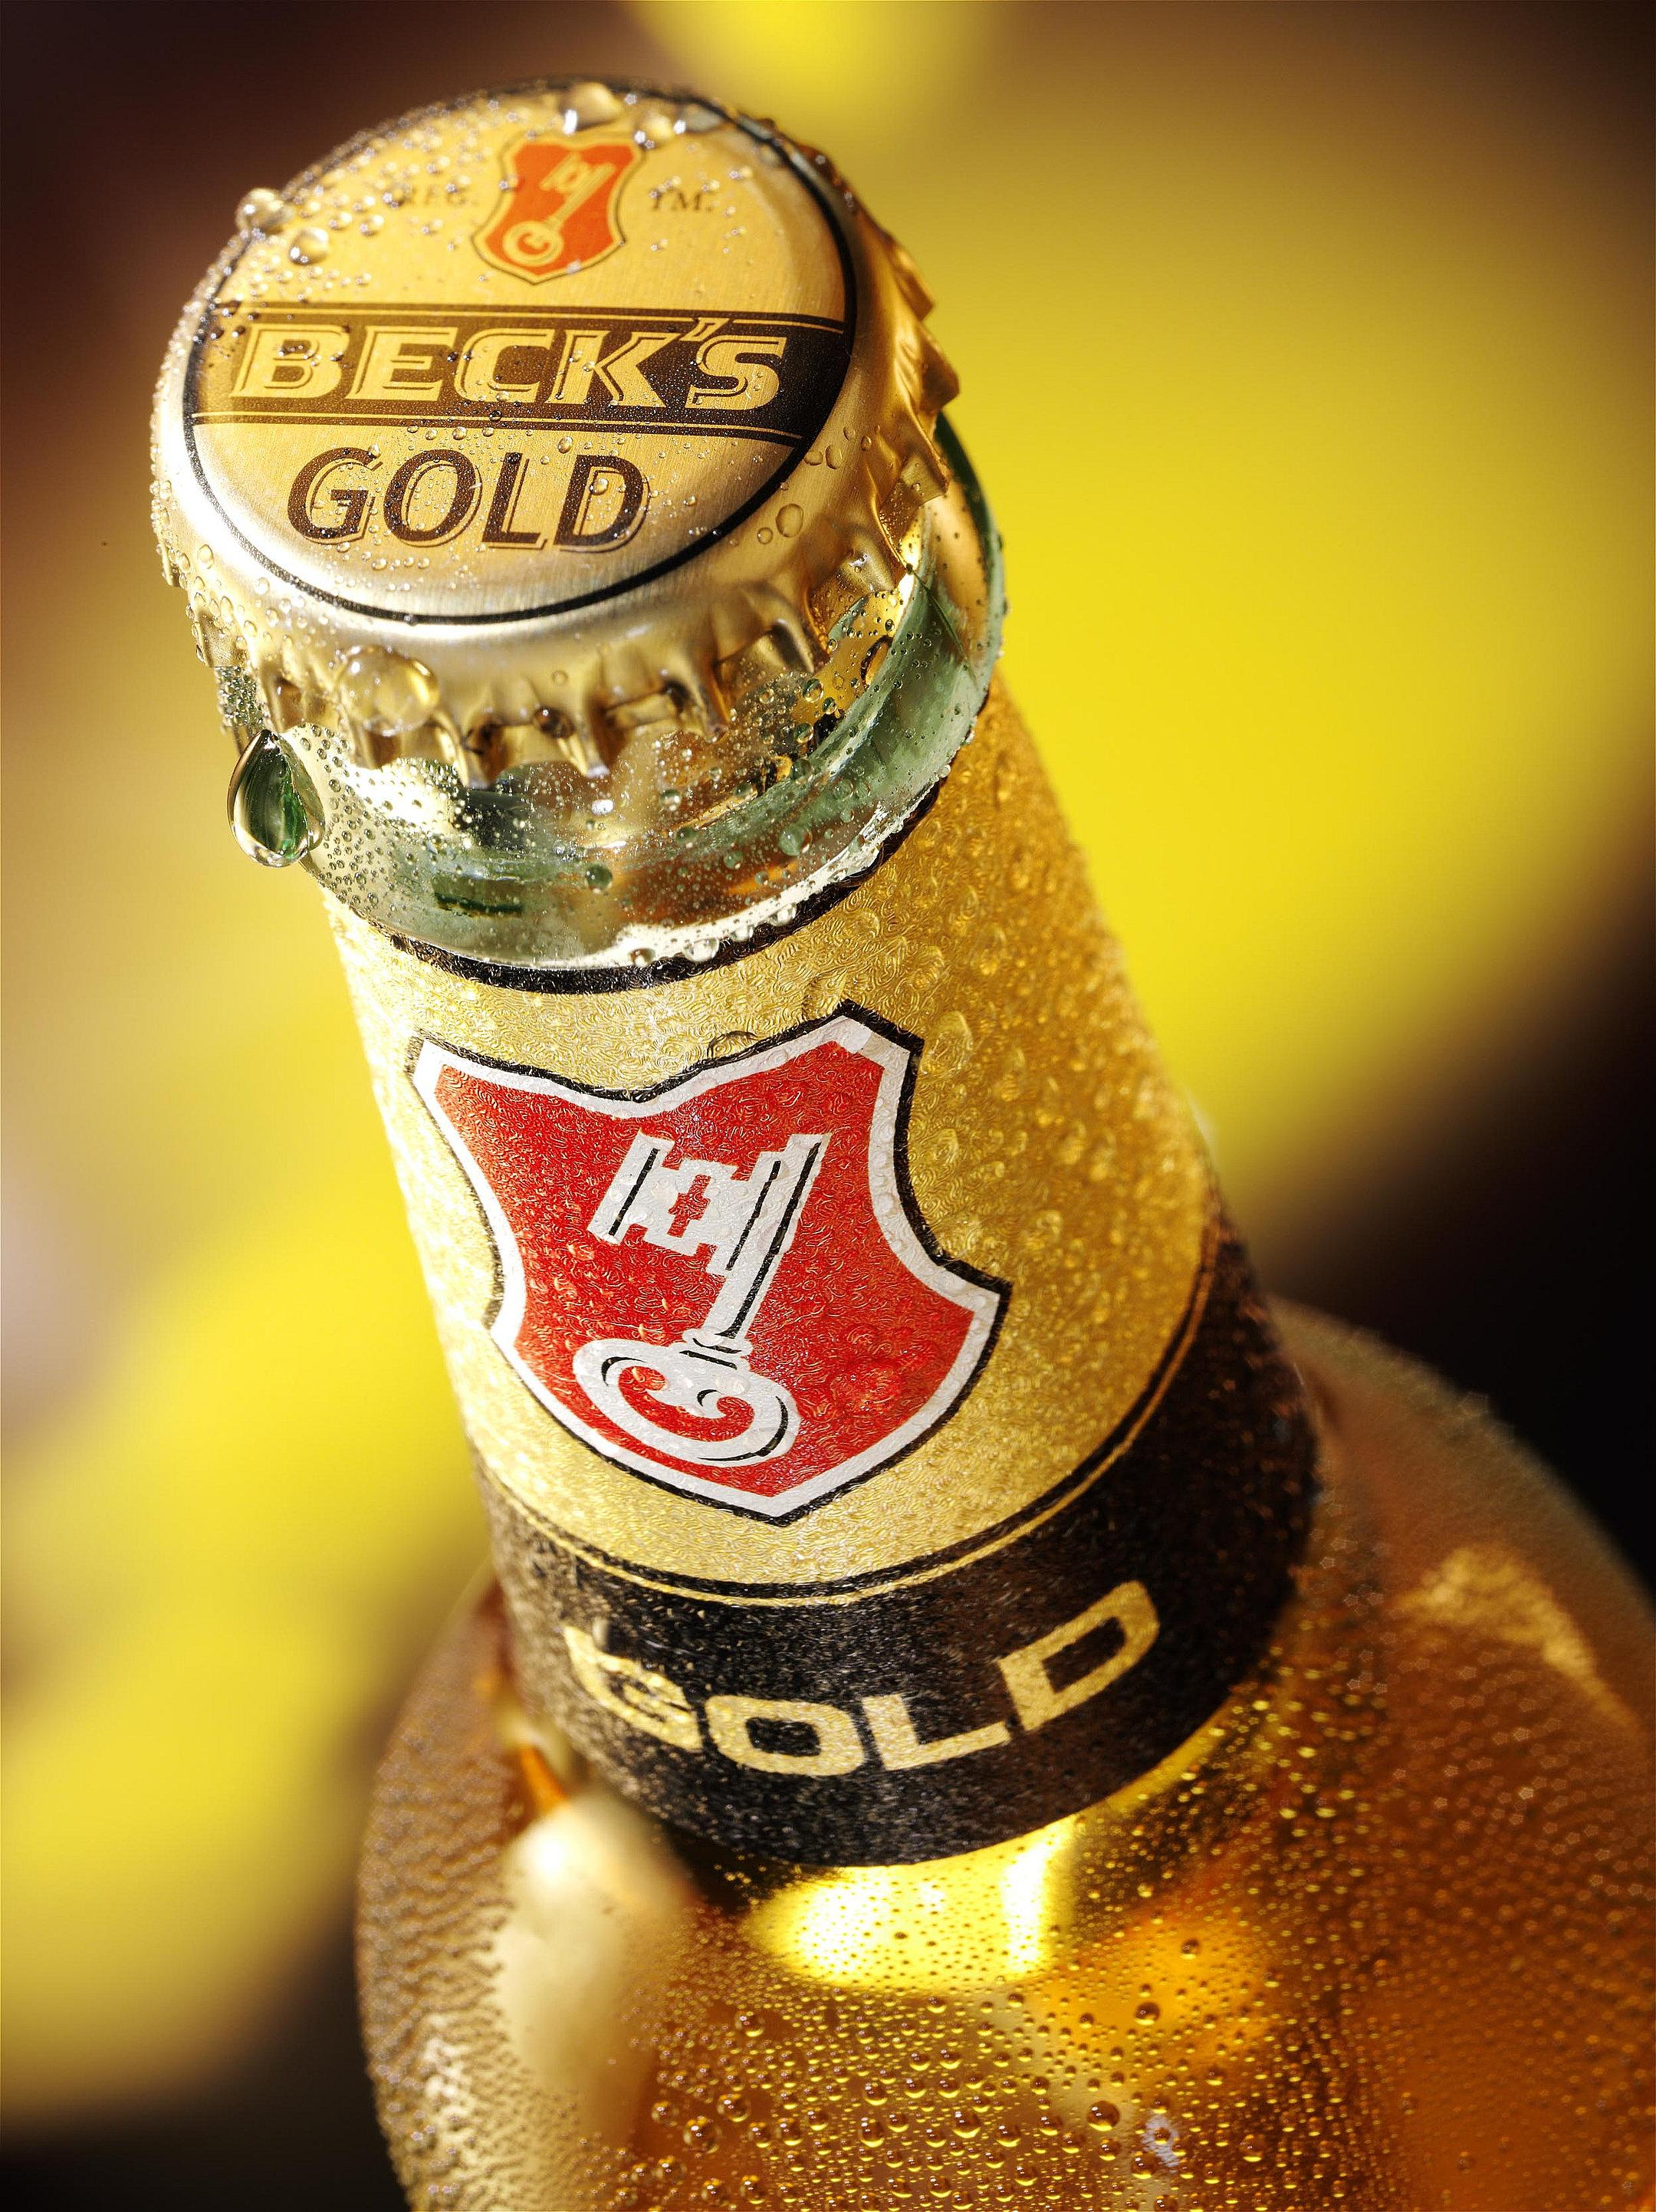 Halsetikett einer Becks Gold Flasche